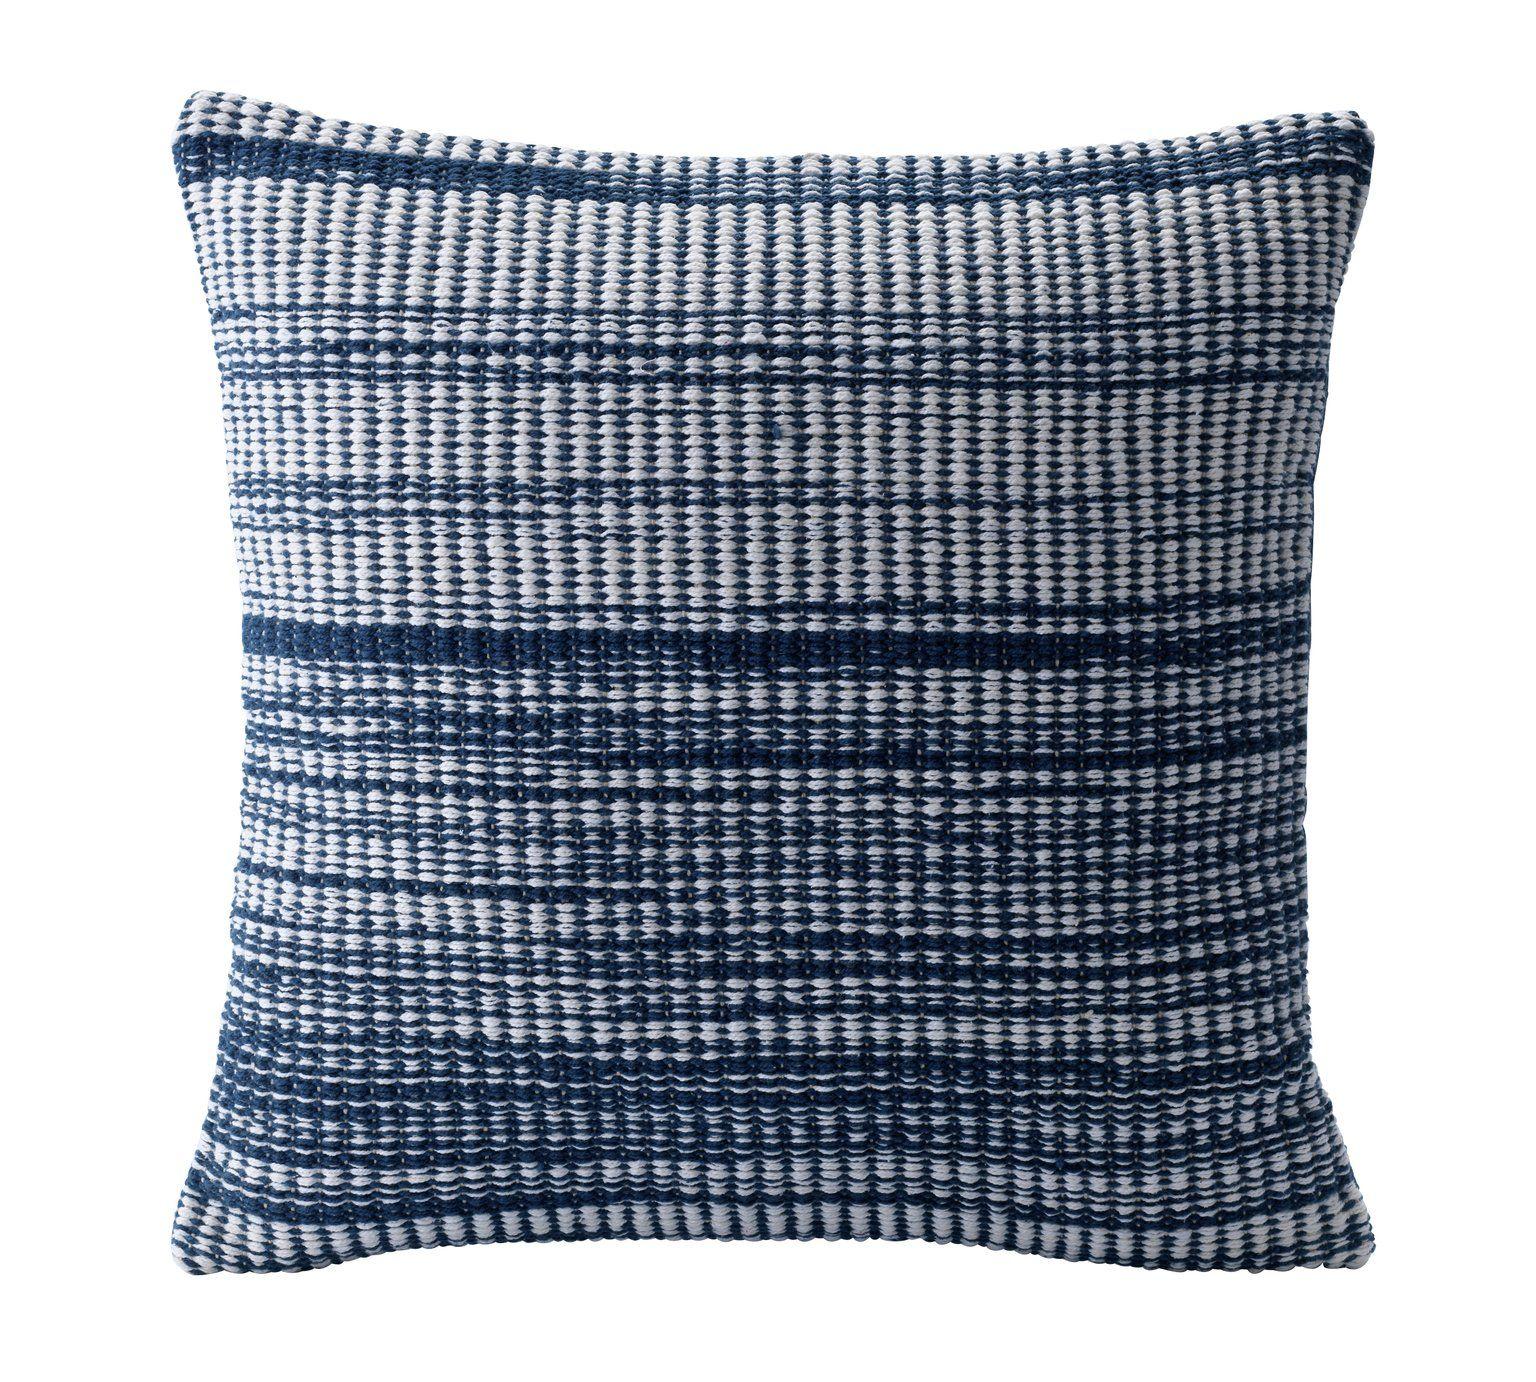 Buy Hygena Navy Stripe Cushion at Argos.co.uk, visit Argos